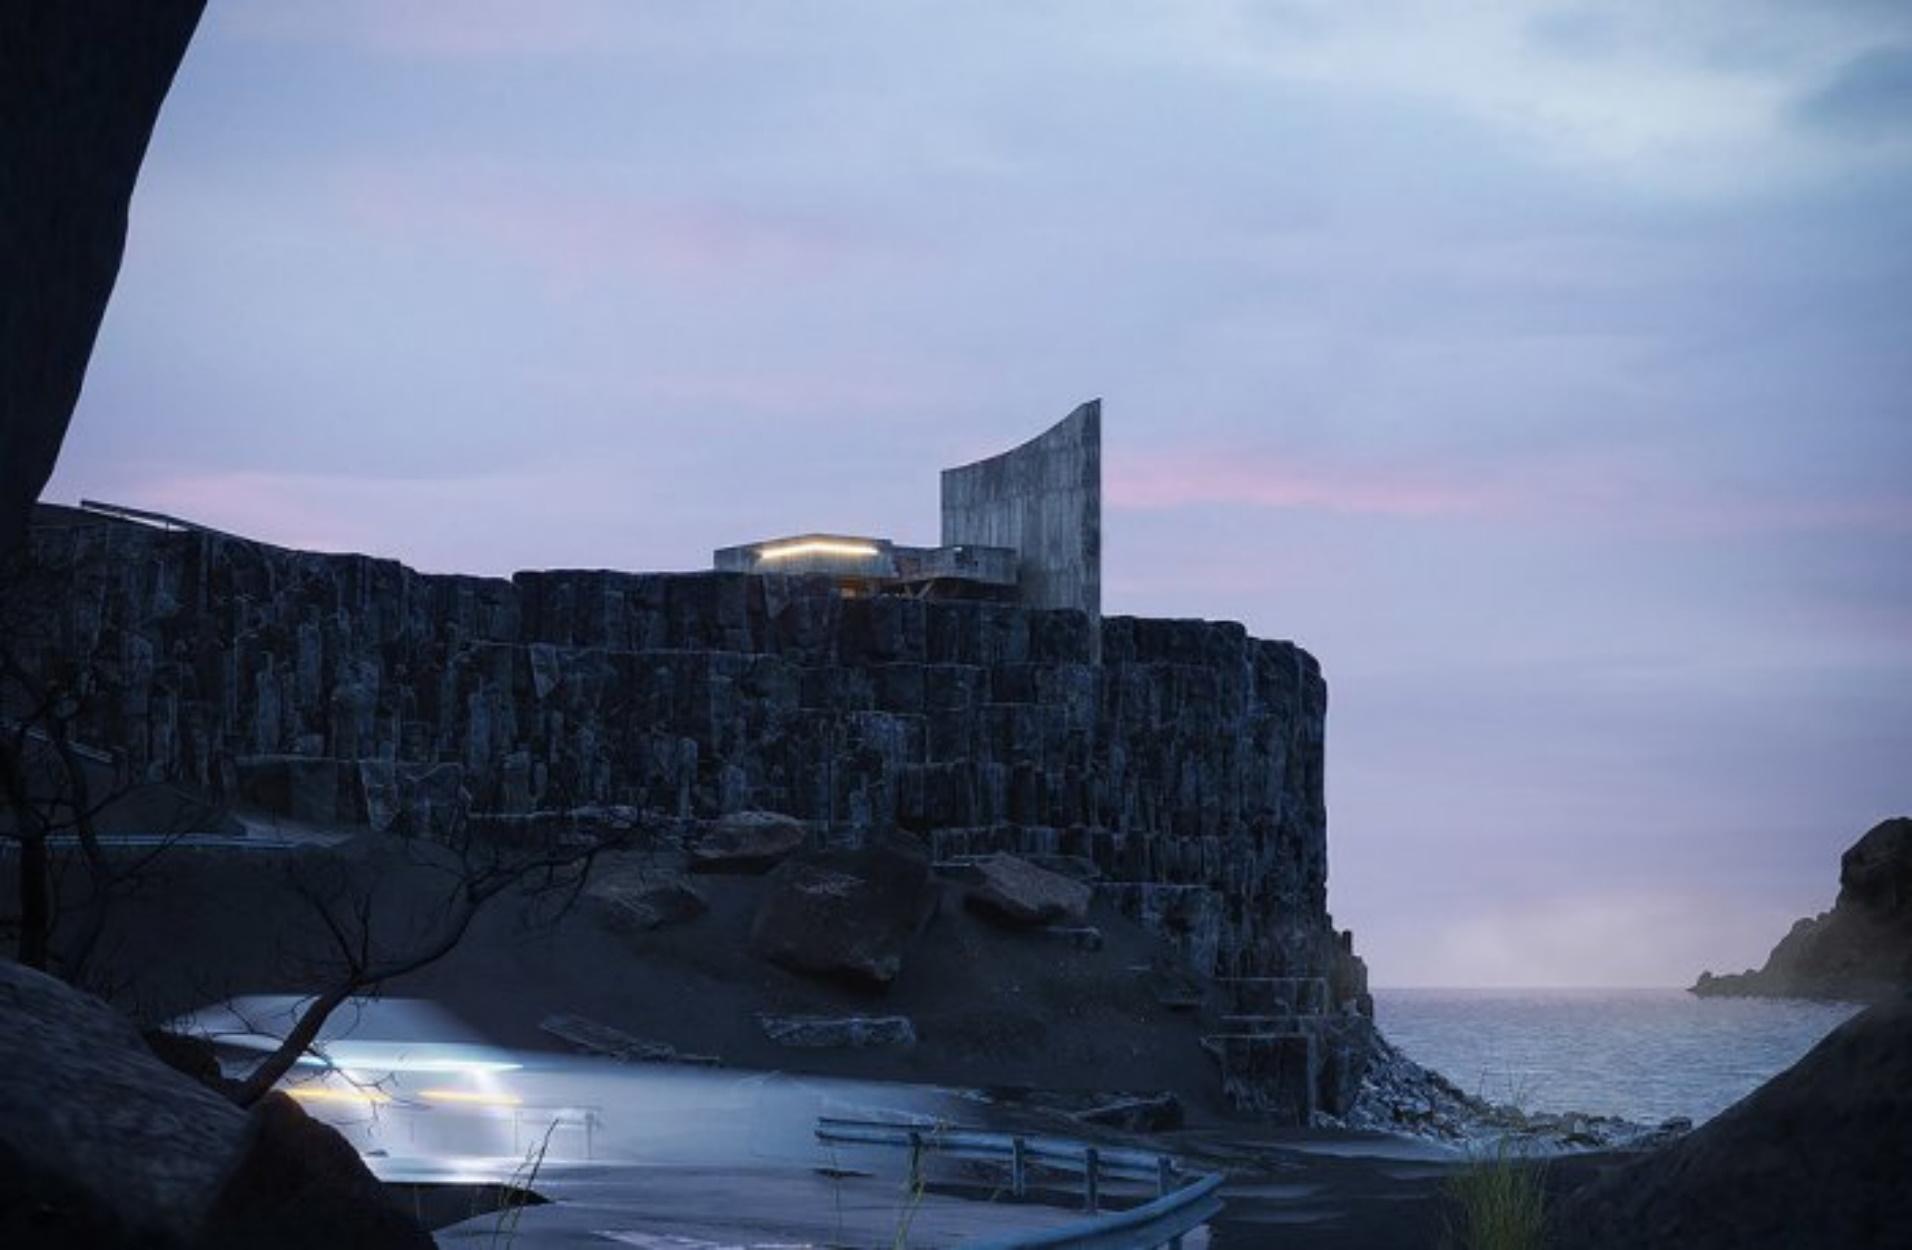 Αυτή η κατοικία μοιάζει να είναι βγαλμένη από ταινία επιστημονικής φαντασίας